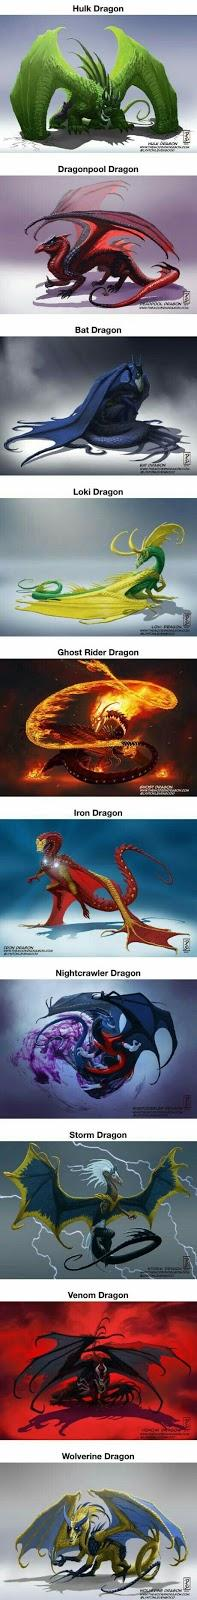 Personajes de DC y Marvel, como dragones